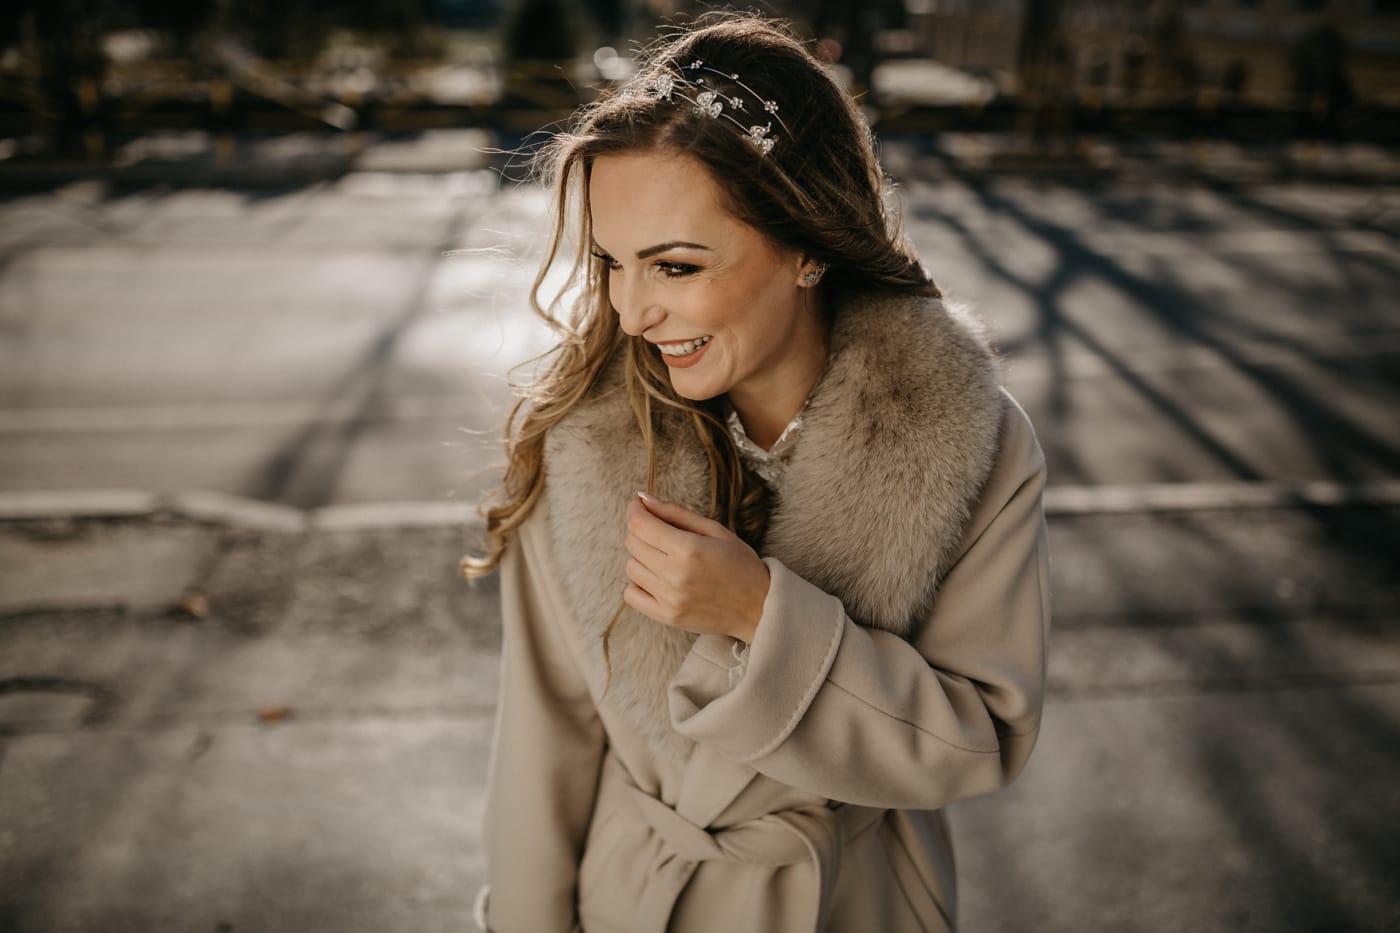 mooi meisje, poseren, prachtige, Straat, geluk, Zijaanzicht, mode, herfst seizoen, Winter, portret